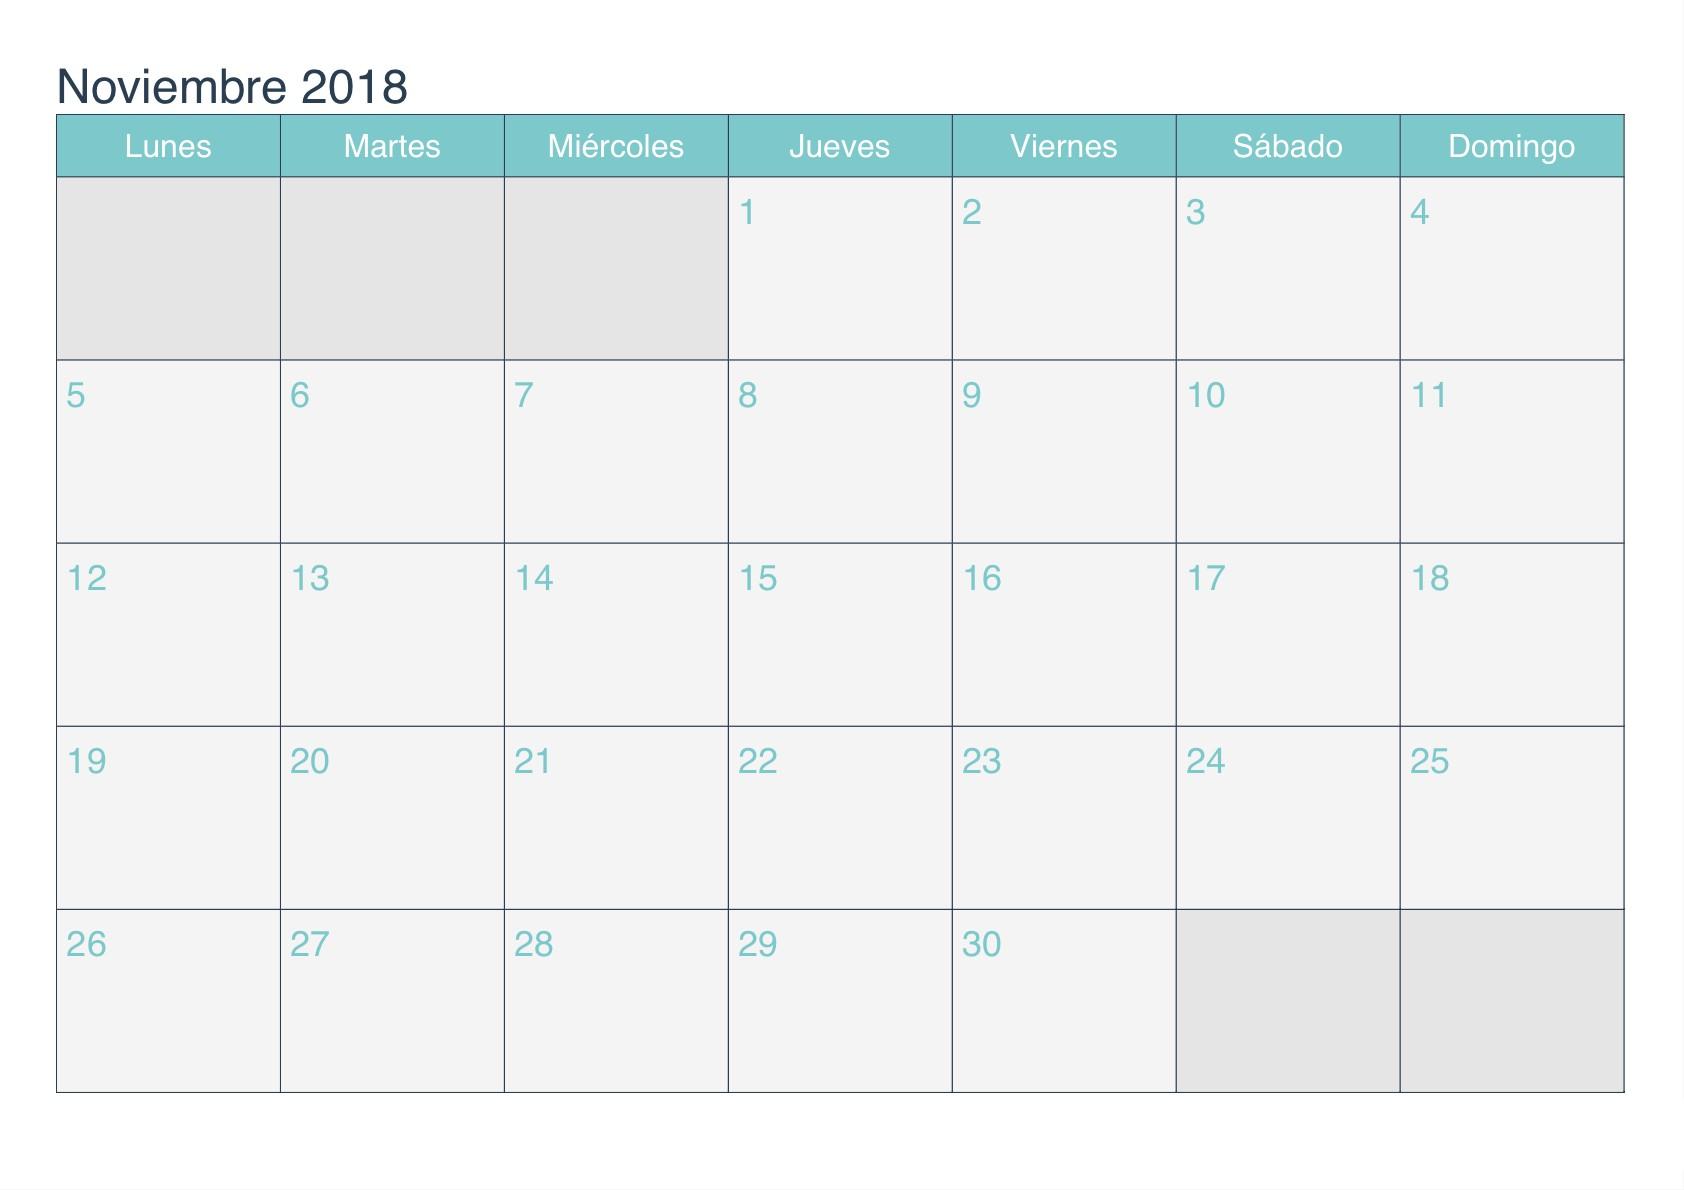 Calendario 2020 Argentina Con Feriados Más Recientemente Liberado 11 Best Calendario Enero 2019 Argentina Images Of Calendario 2020 Argentina Con Feriados Más Recientes Sudeban Bancos Deben Trabajar Lunes Martes Y Miércoles De